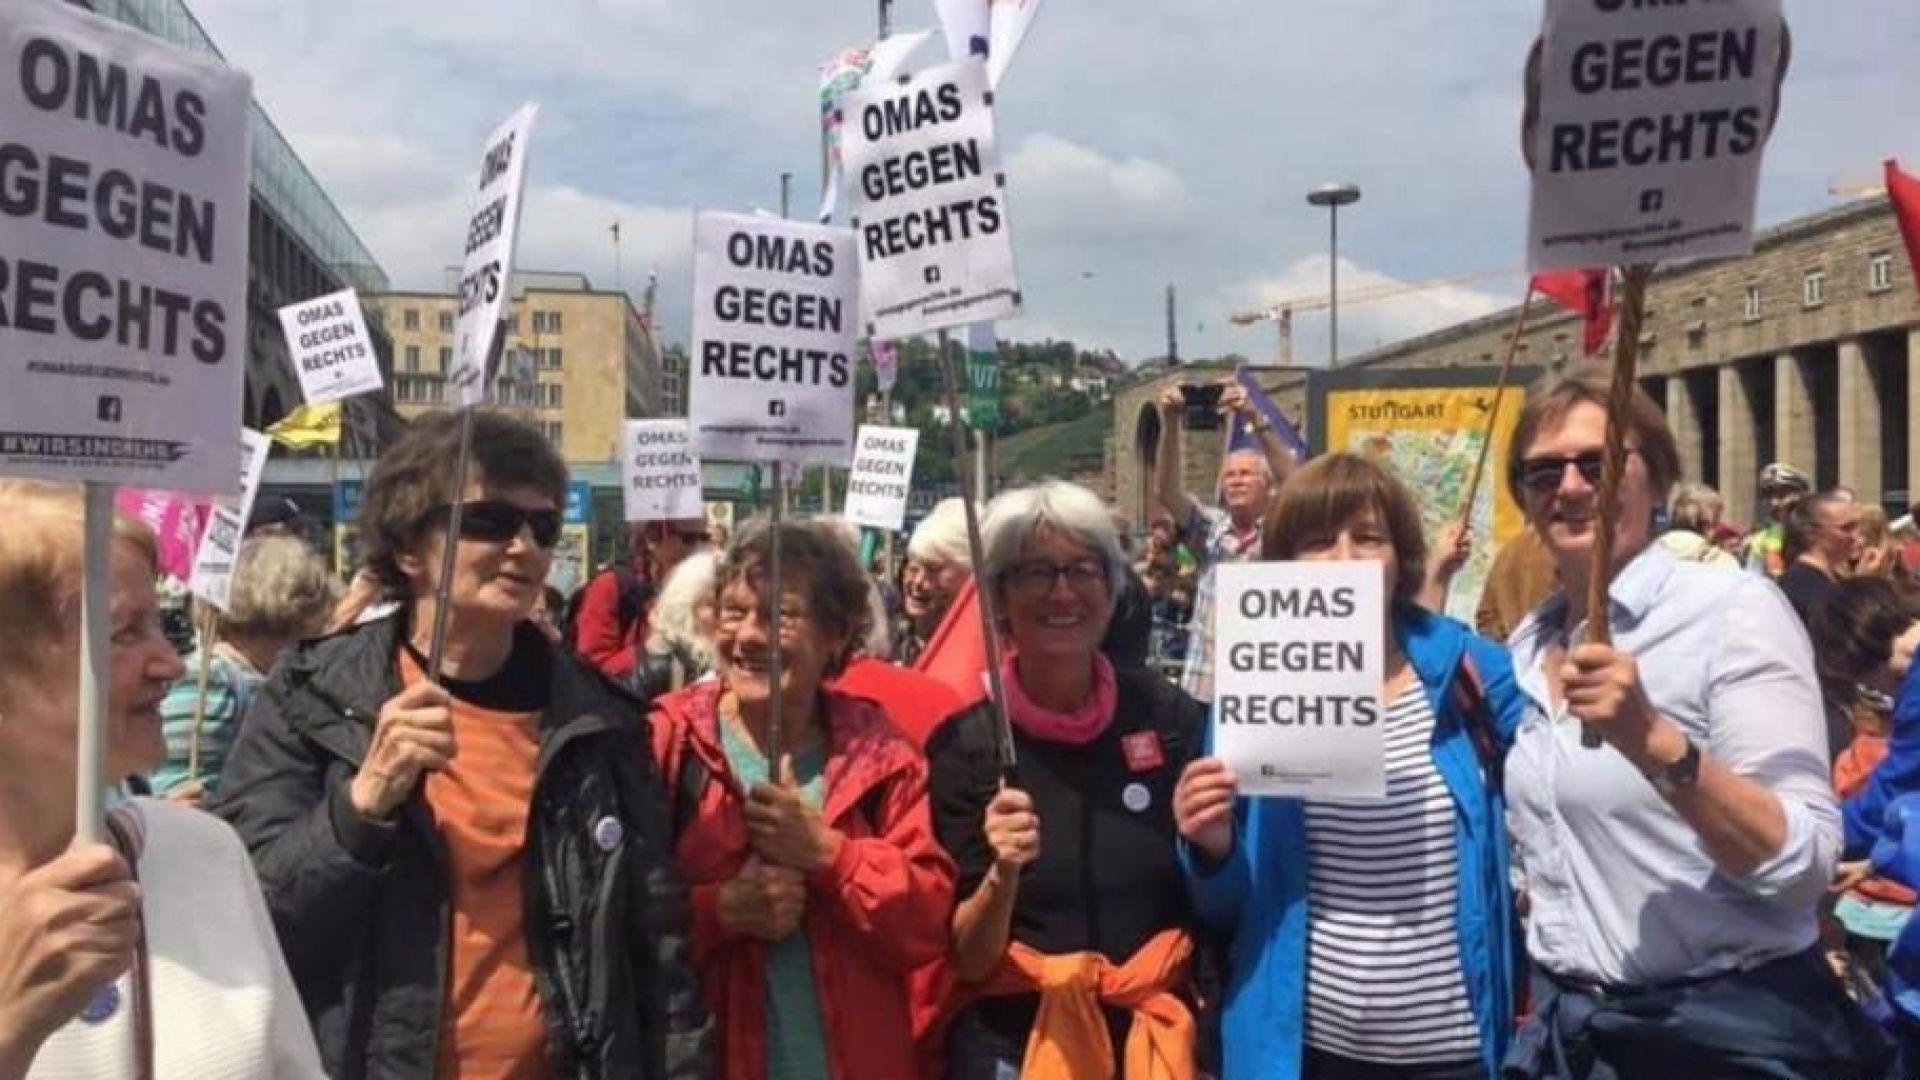 Германски баби обявиха война на десния екстремизъм